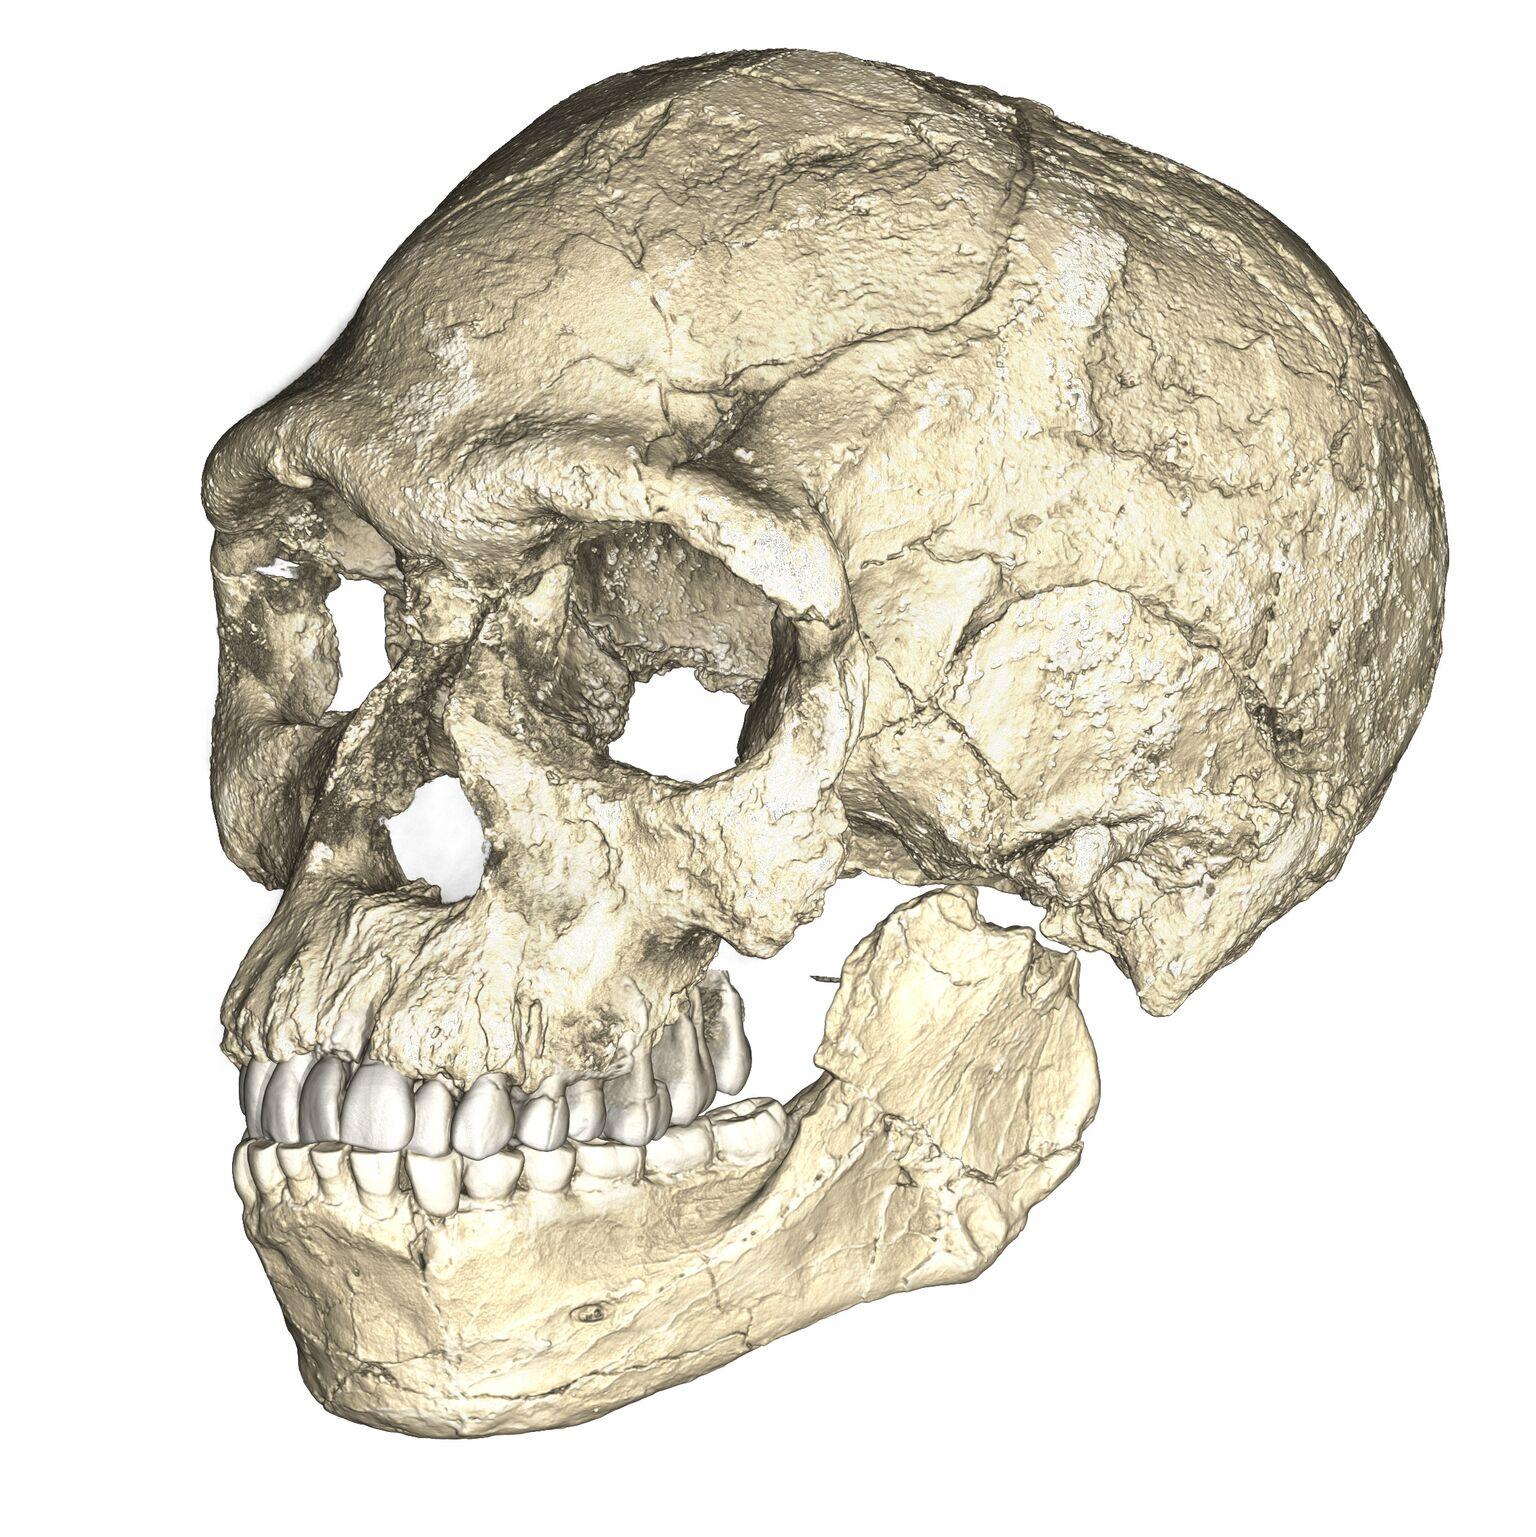 Earliest Homo sapiens